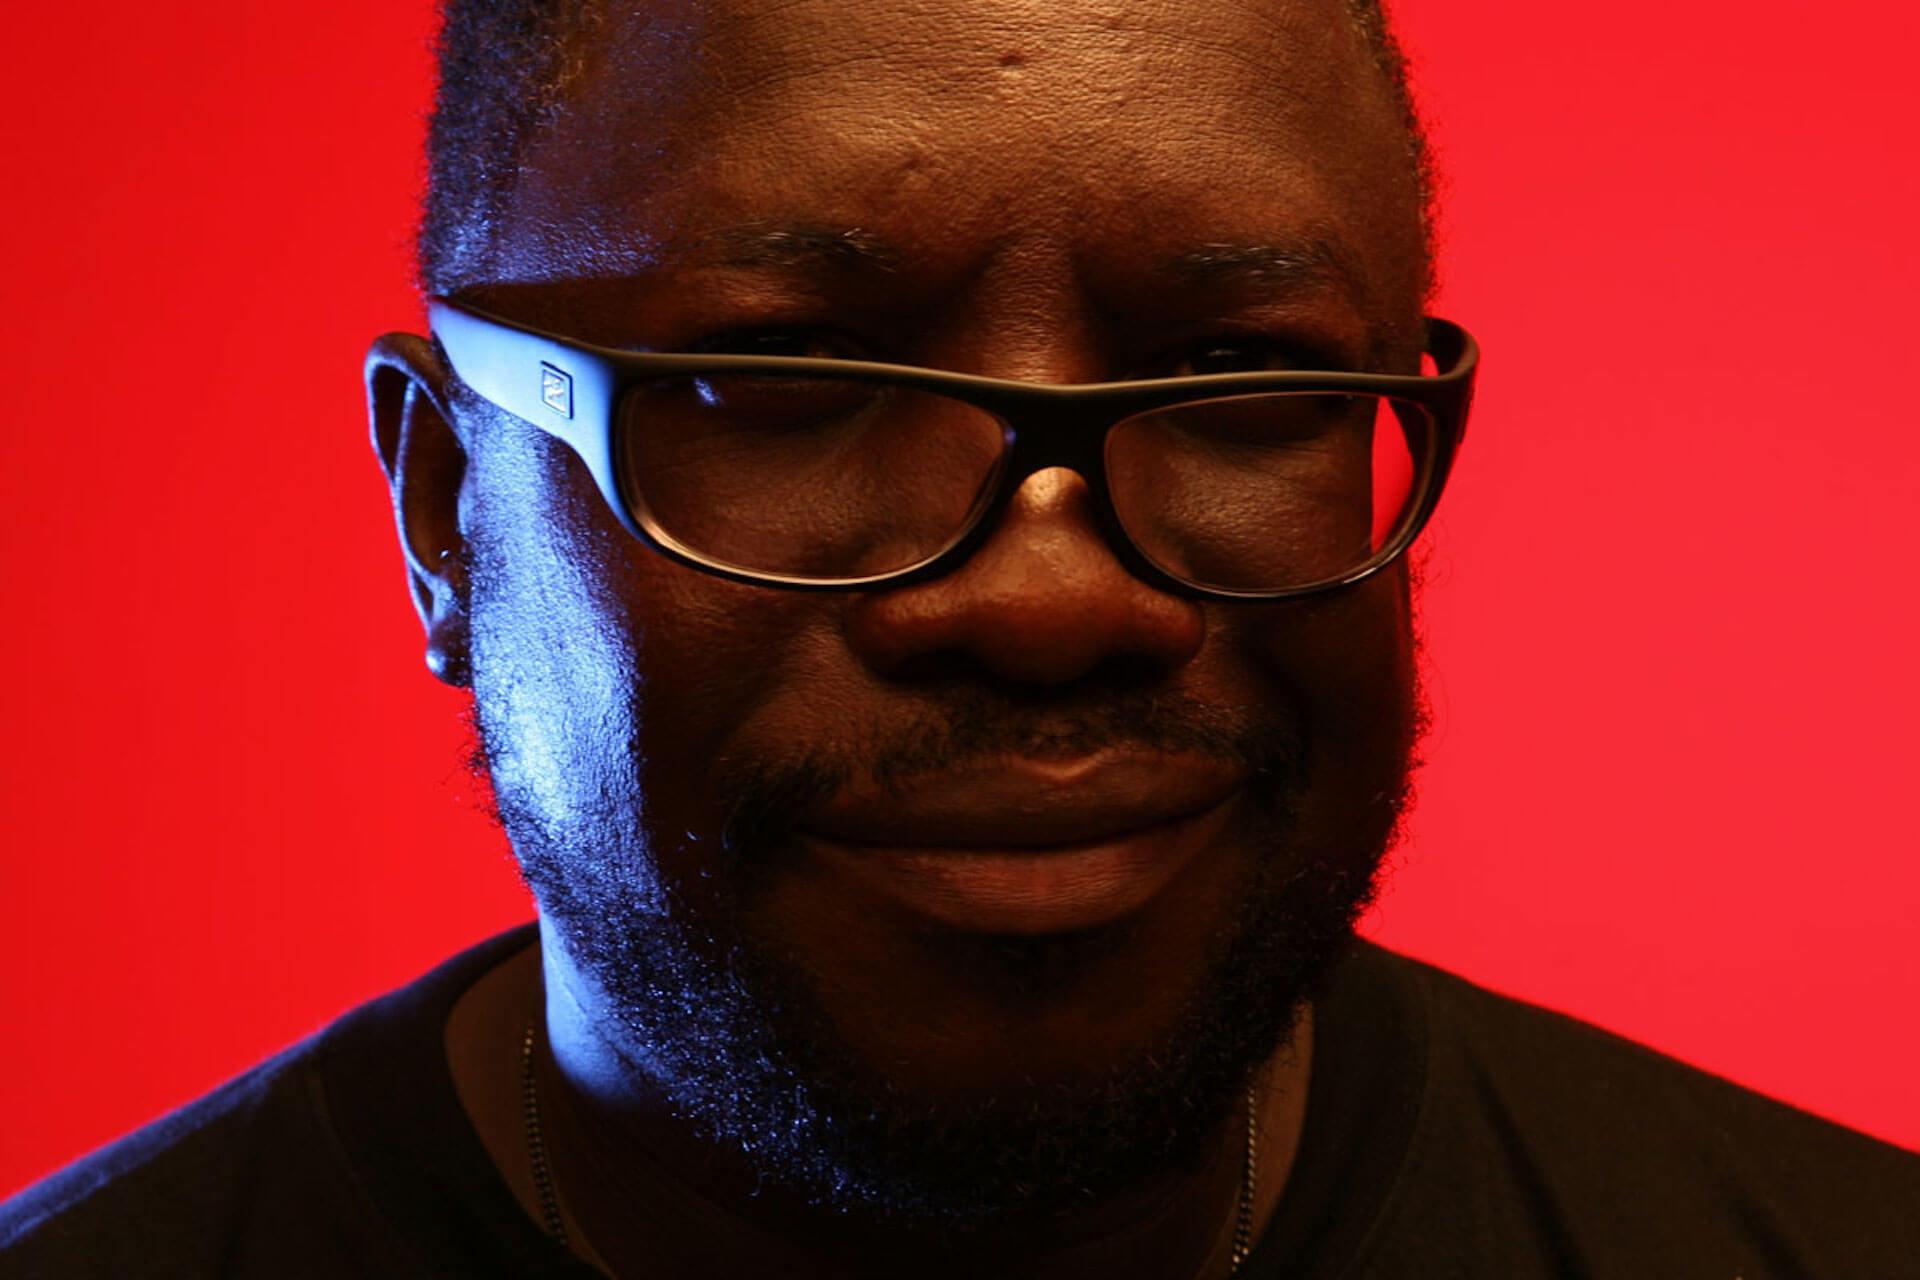 Massive Attackのダブ・リミックスでお馴染みのMad Professorが10月来日、神業ライヴ・ダブ・ミックスを披露 共演にSILENT POETS music190913-madprofessor-2